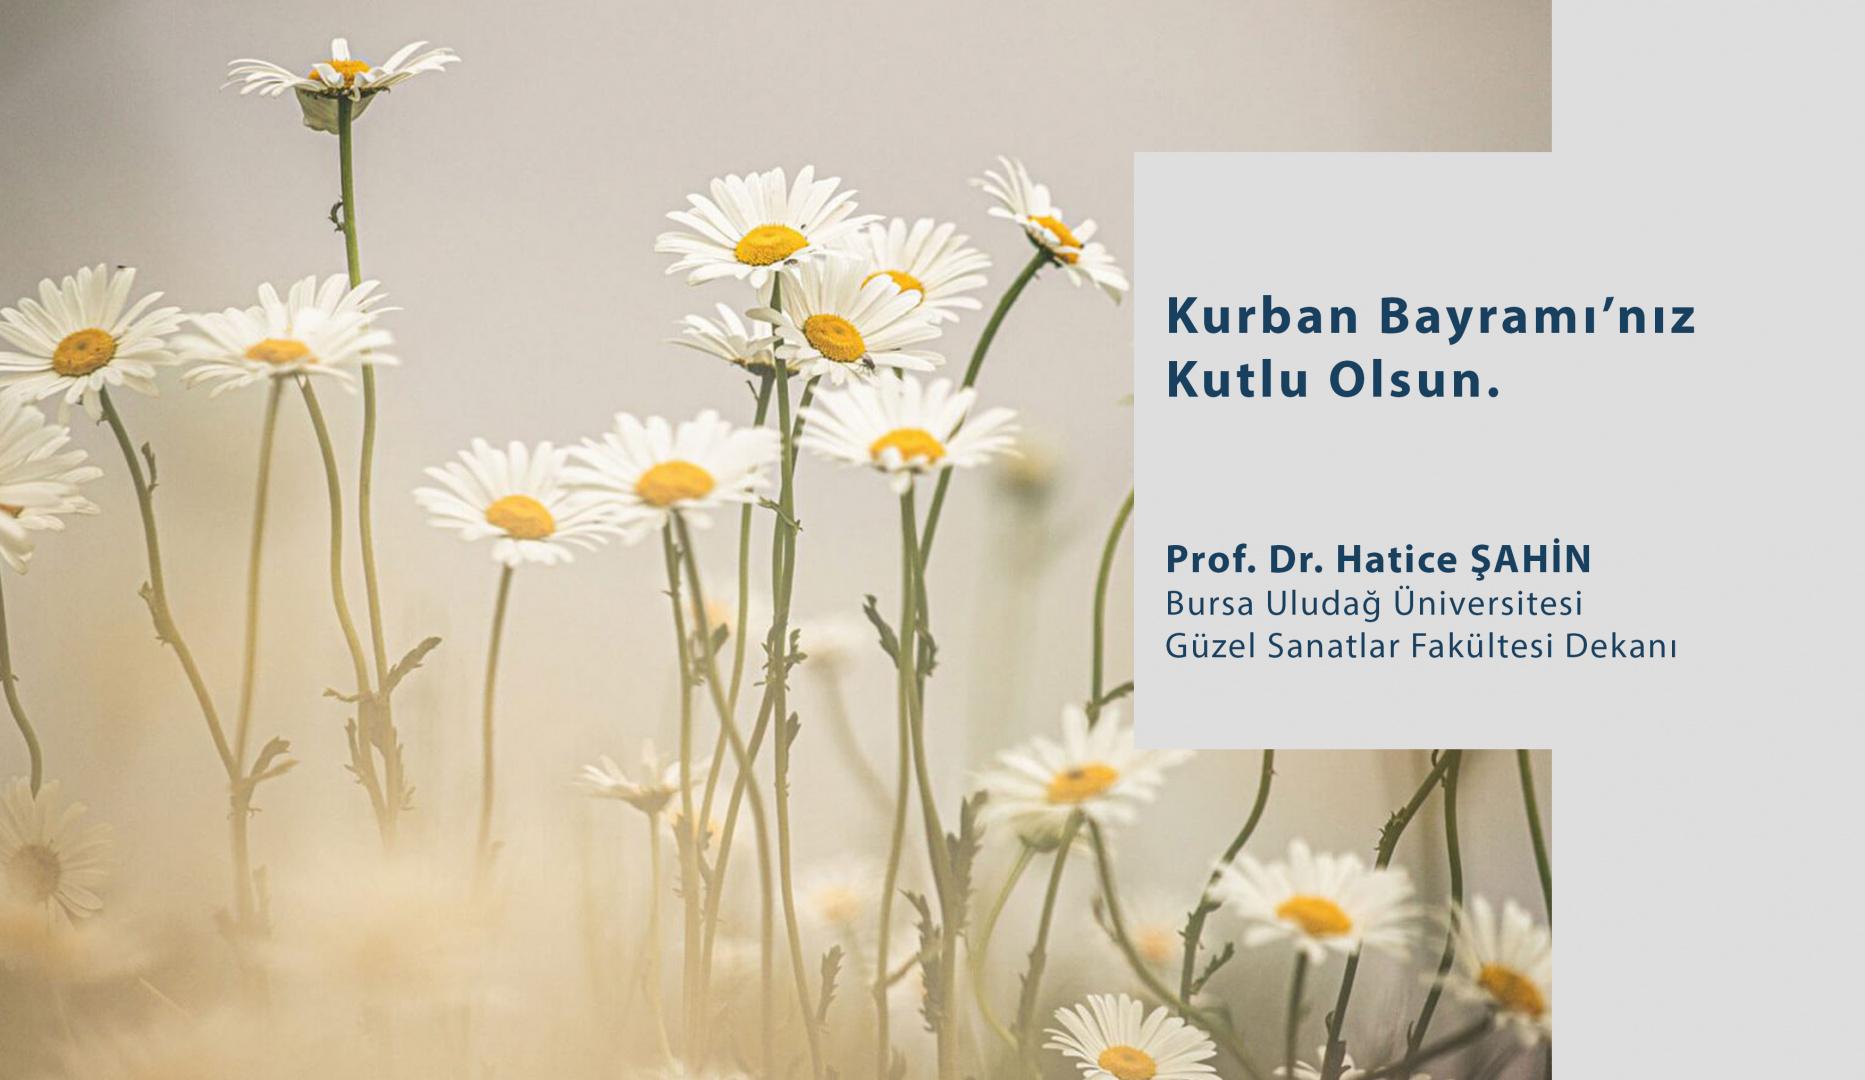 Dekanımız Sn. Prof. Dr. Hatice ŞAHİN'in Kurban Bayramı Mesajı